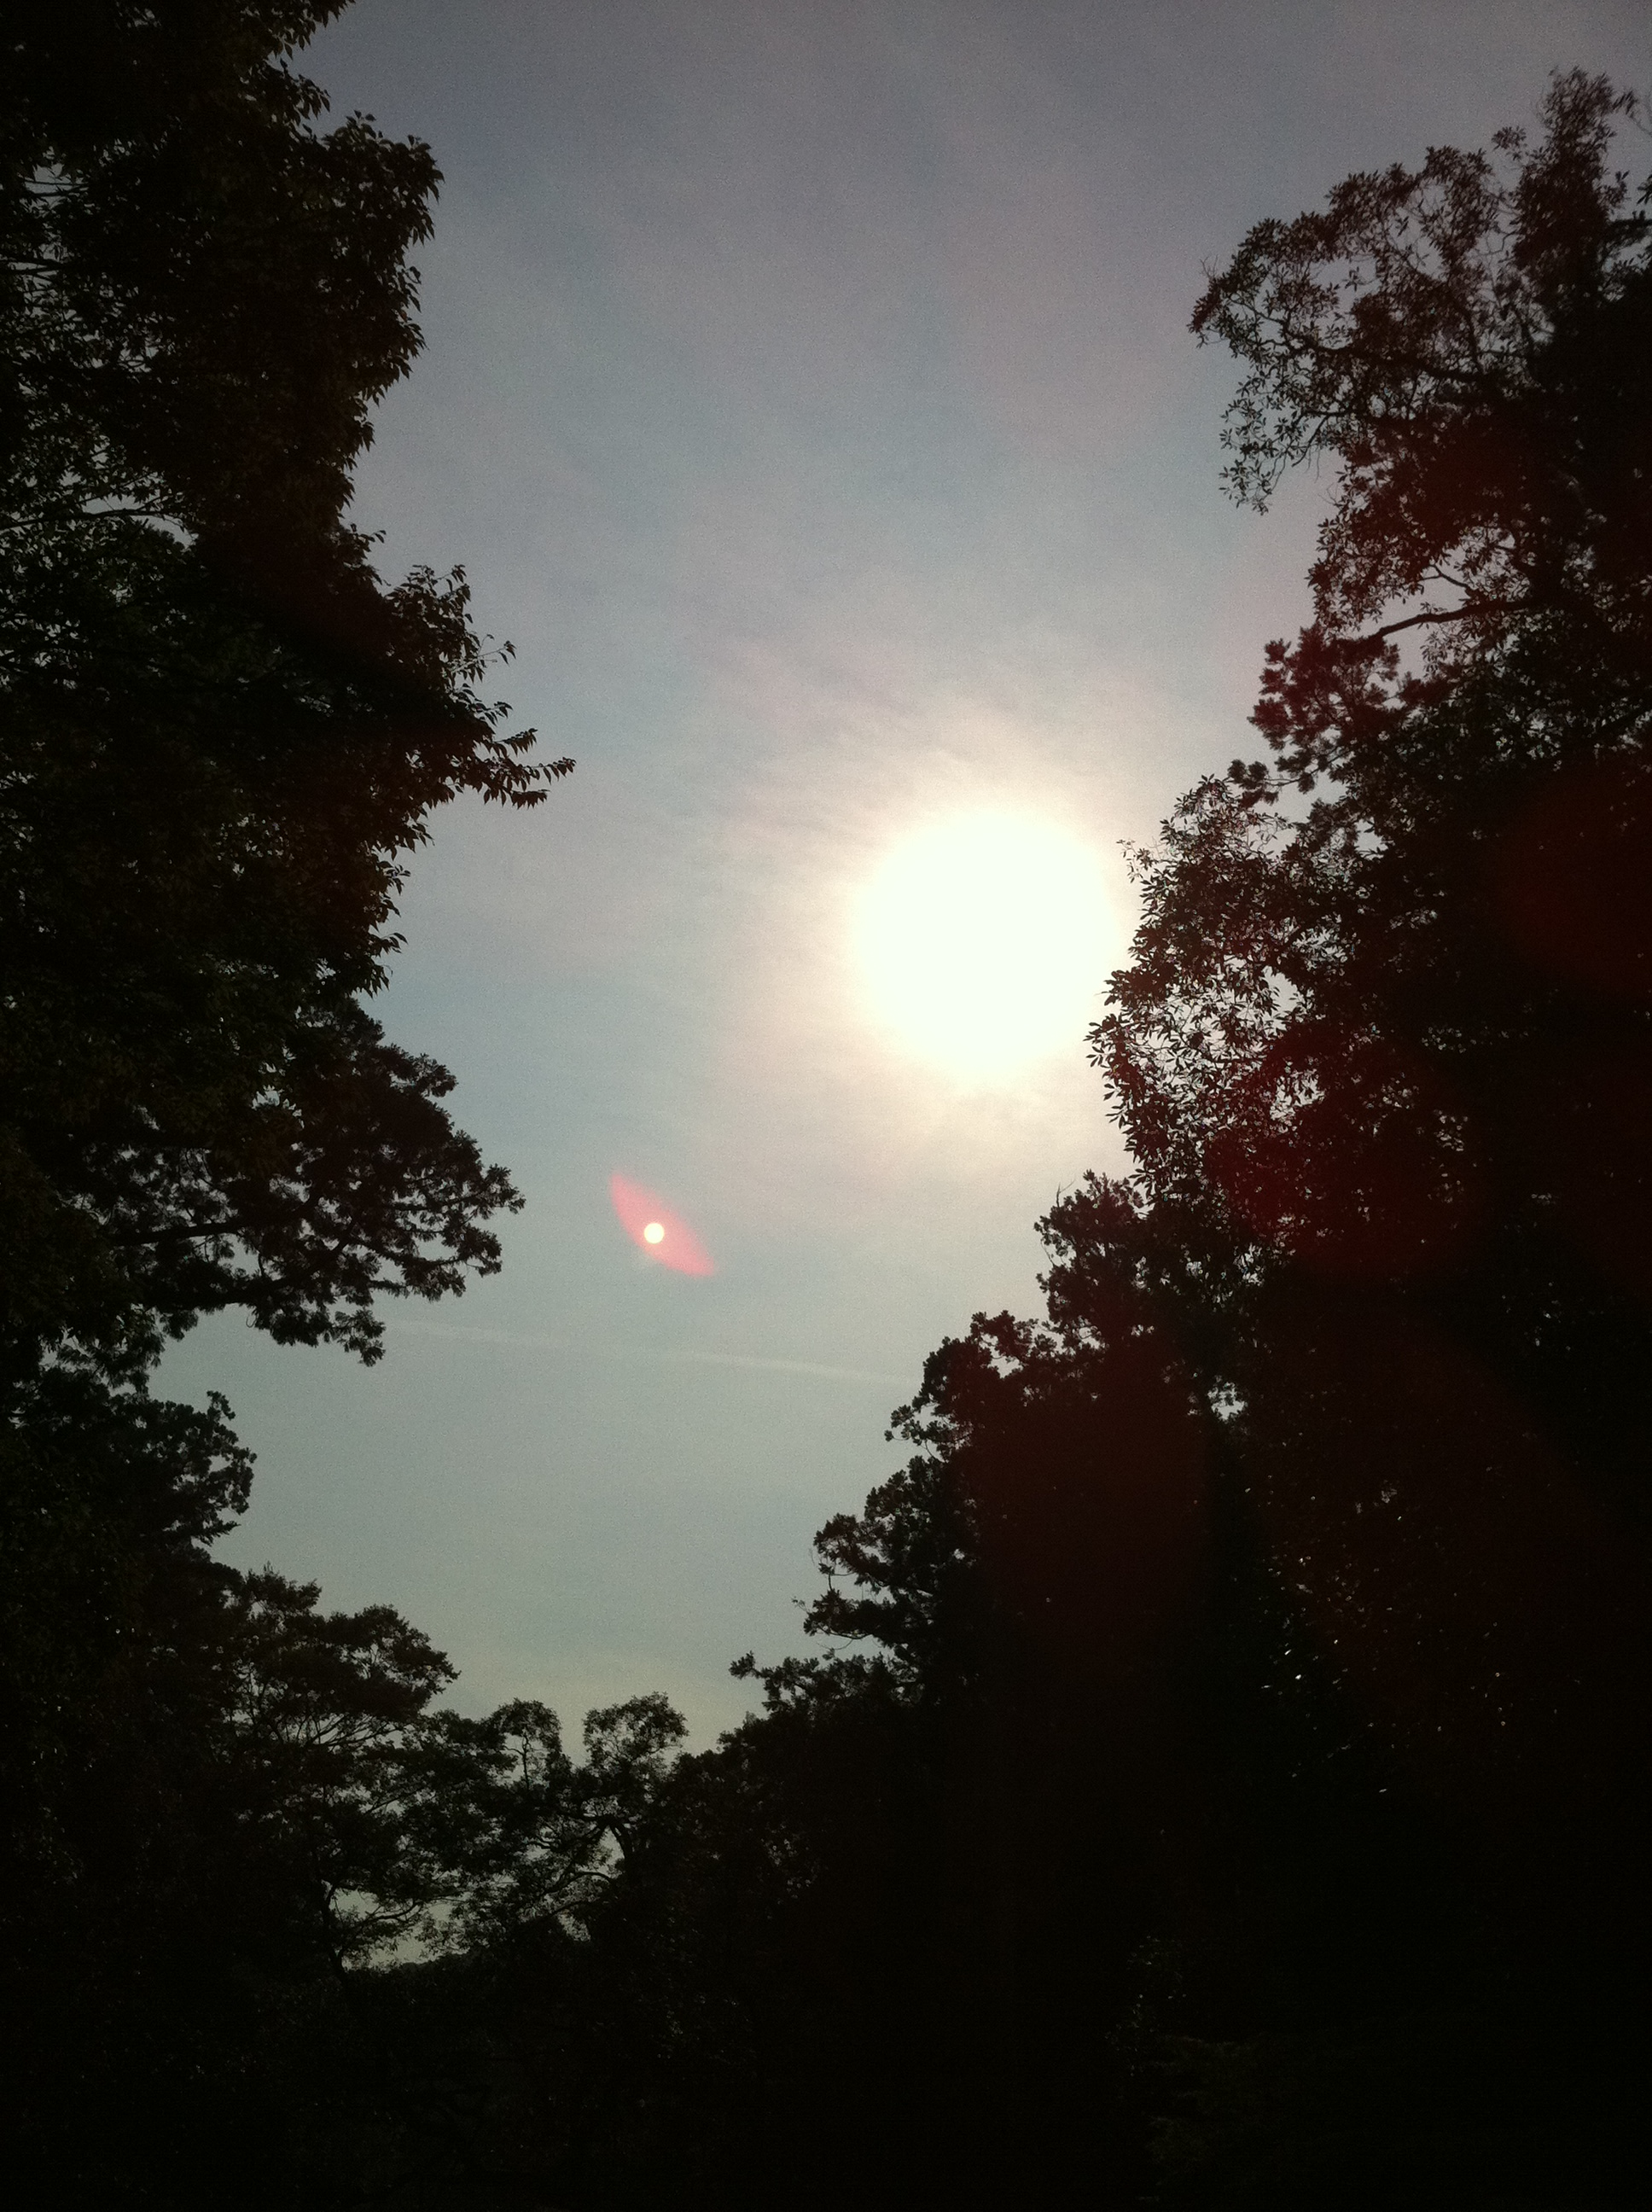 2011年10月10日 この日は、雲が少しありました